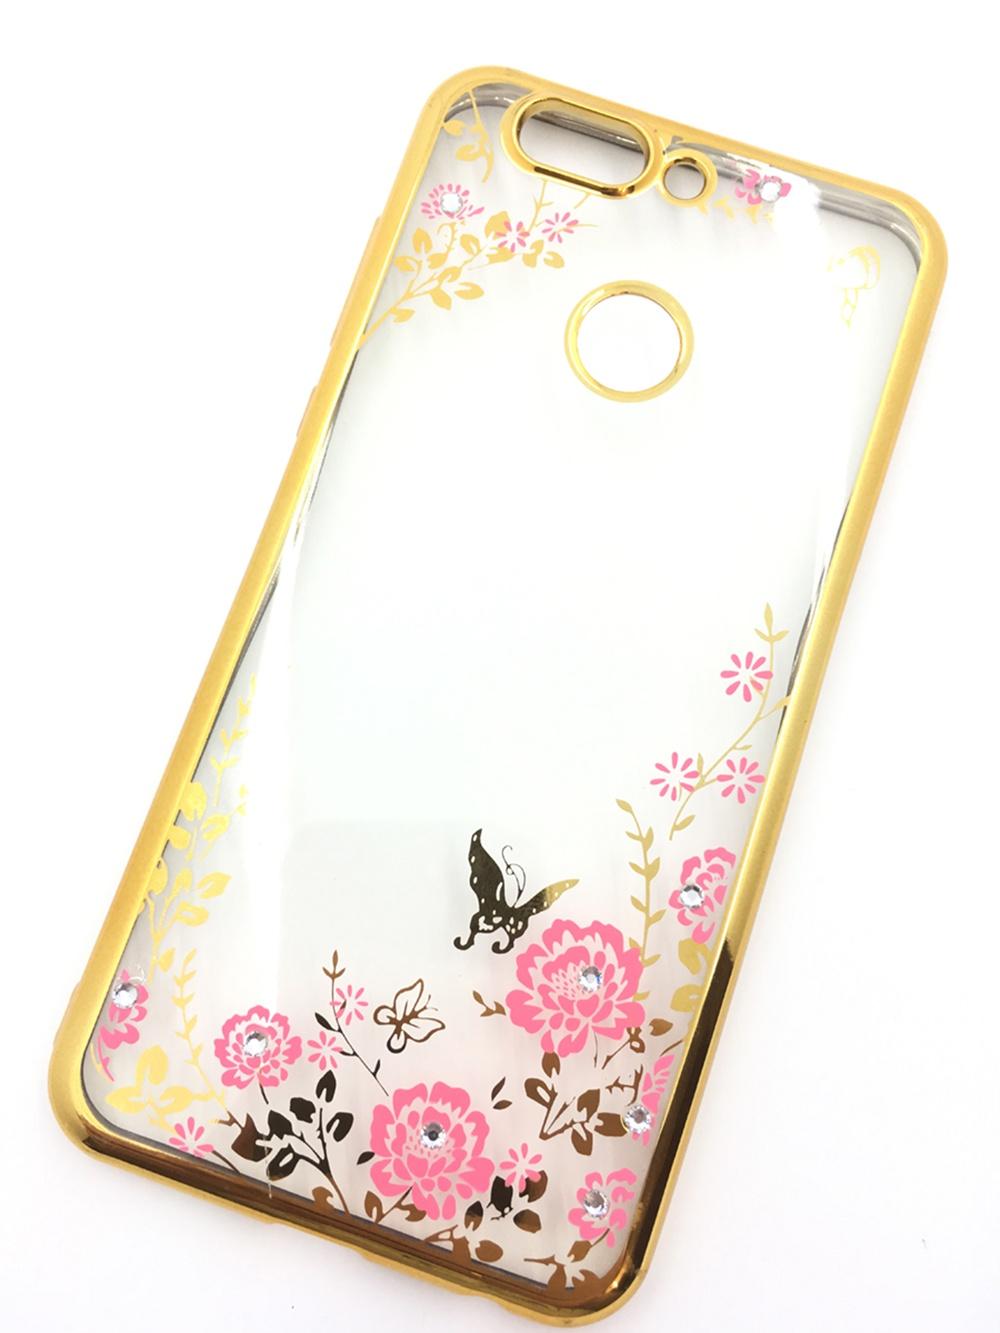 Чехол для сотового телефона Мобильная мода Huawei Nova 2 Plus Силиконовая, прозрачная накладка со стразами, 6 983G, золотой цена и фото